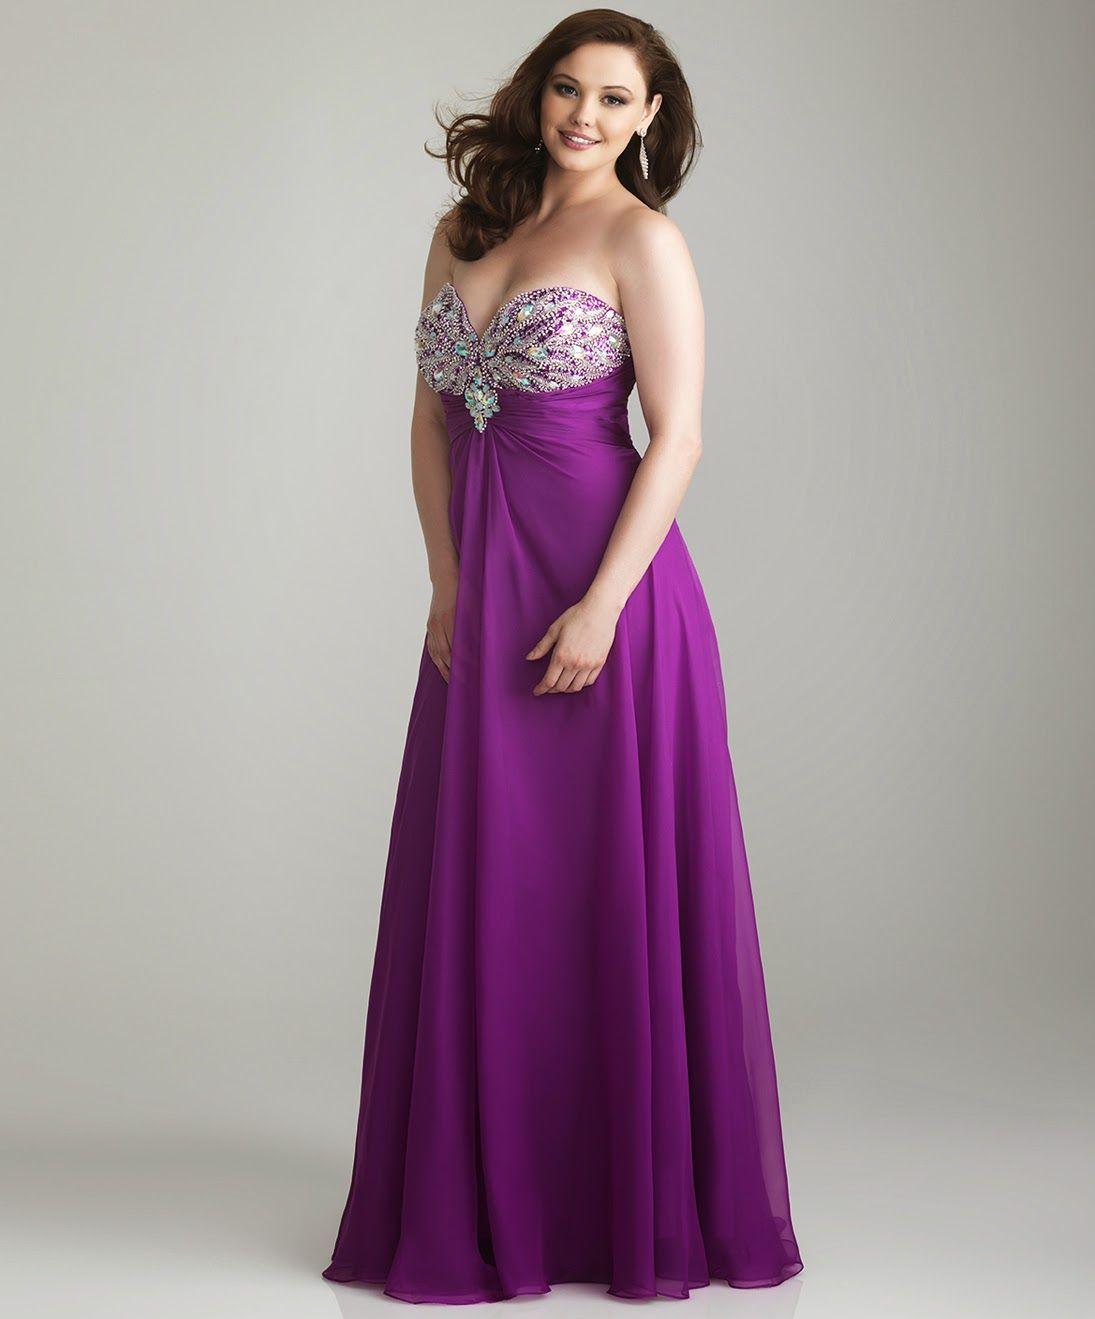 Choosing Plus Size Dresses for Prom | http://whatwomenloves.blogspot ...